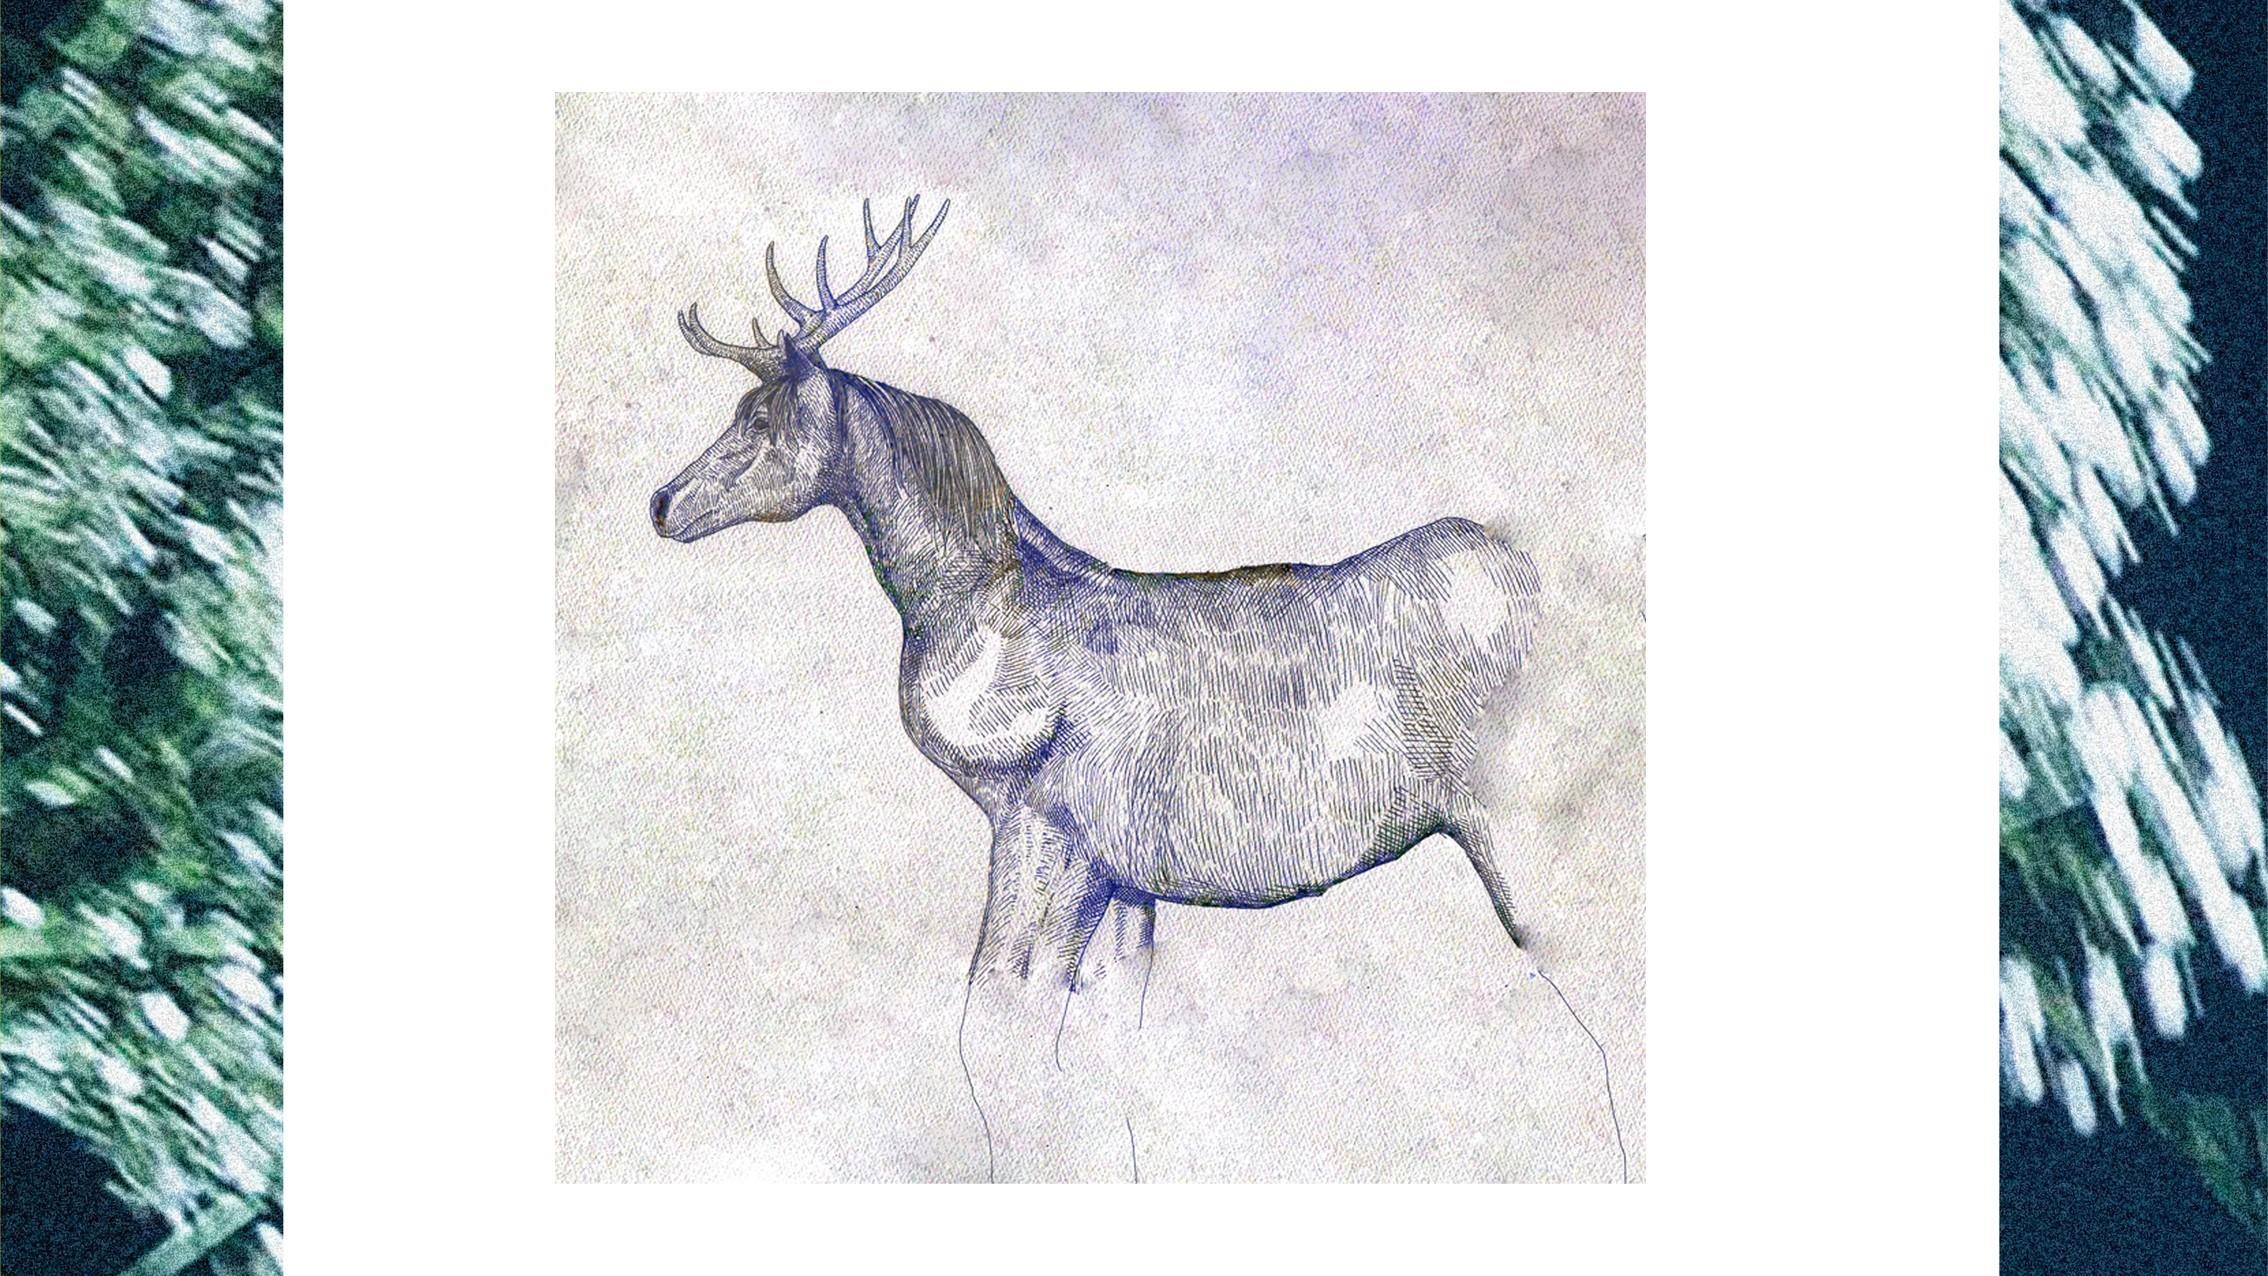 米津玄師、「馬と鹿」リリース記念のWEBラジオが公開 本人が楽曲への ...